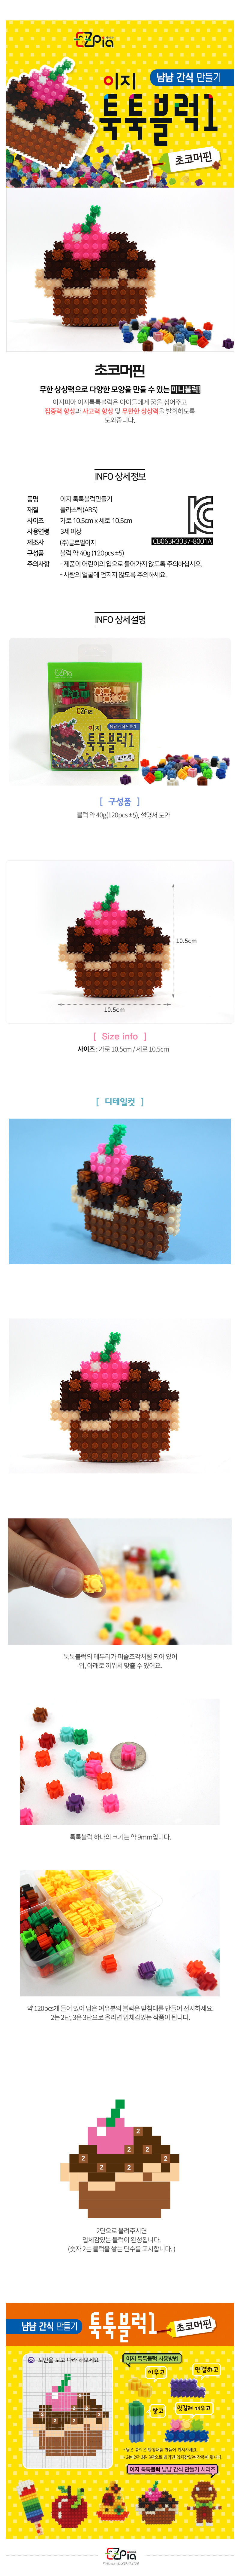 이지 툭툭블럭만들기 (초코머핀)2,400원-이지피아키덜트/취미, 블록/퍼즐, 레고/블록, 블록완구바보사랑이지 툭툭블럭만들기 (초코머핀)2,400원-이지피아키덜트/취미, 블록/퍼즐, 레고/블록, 블록완구바보사랑